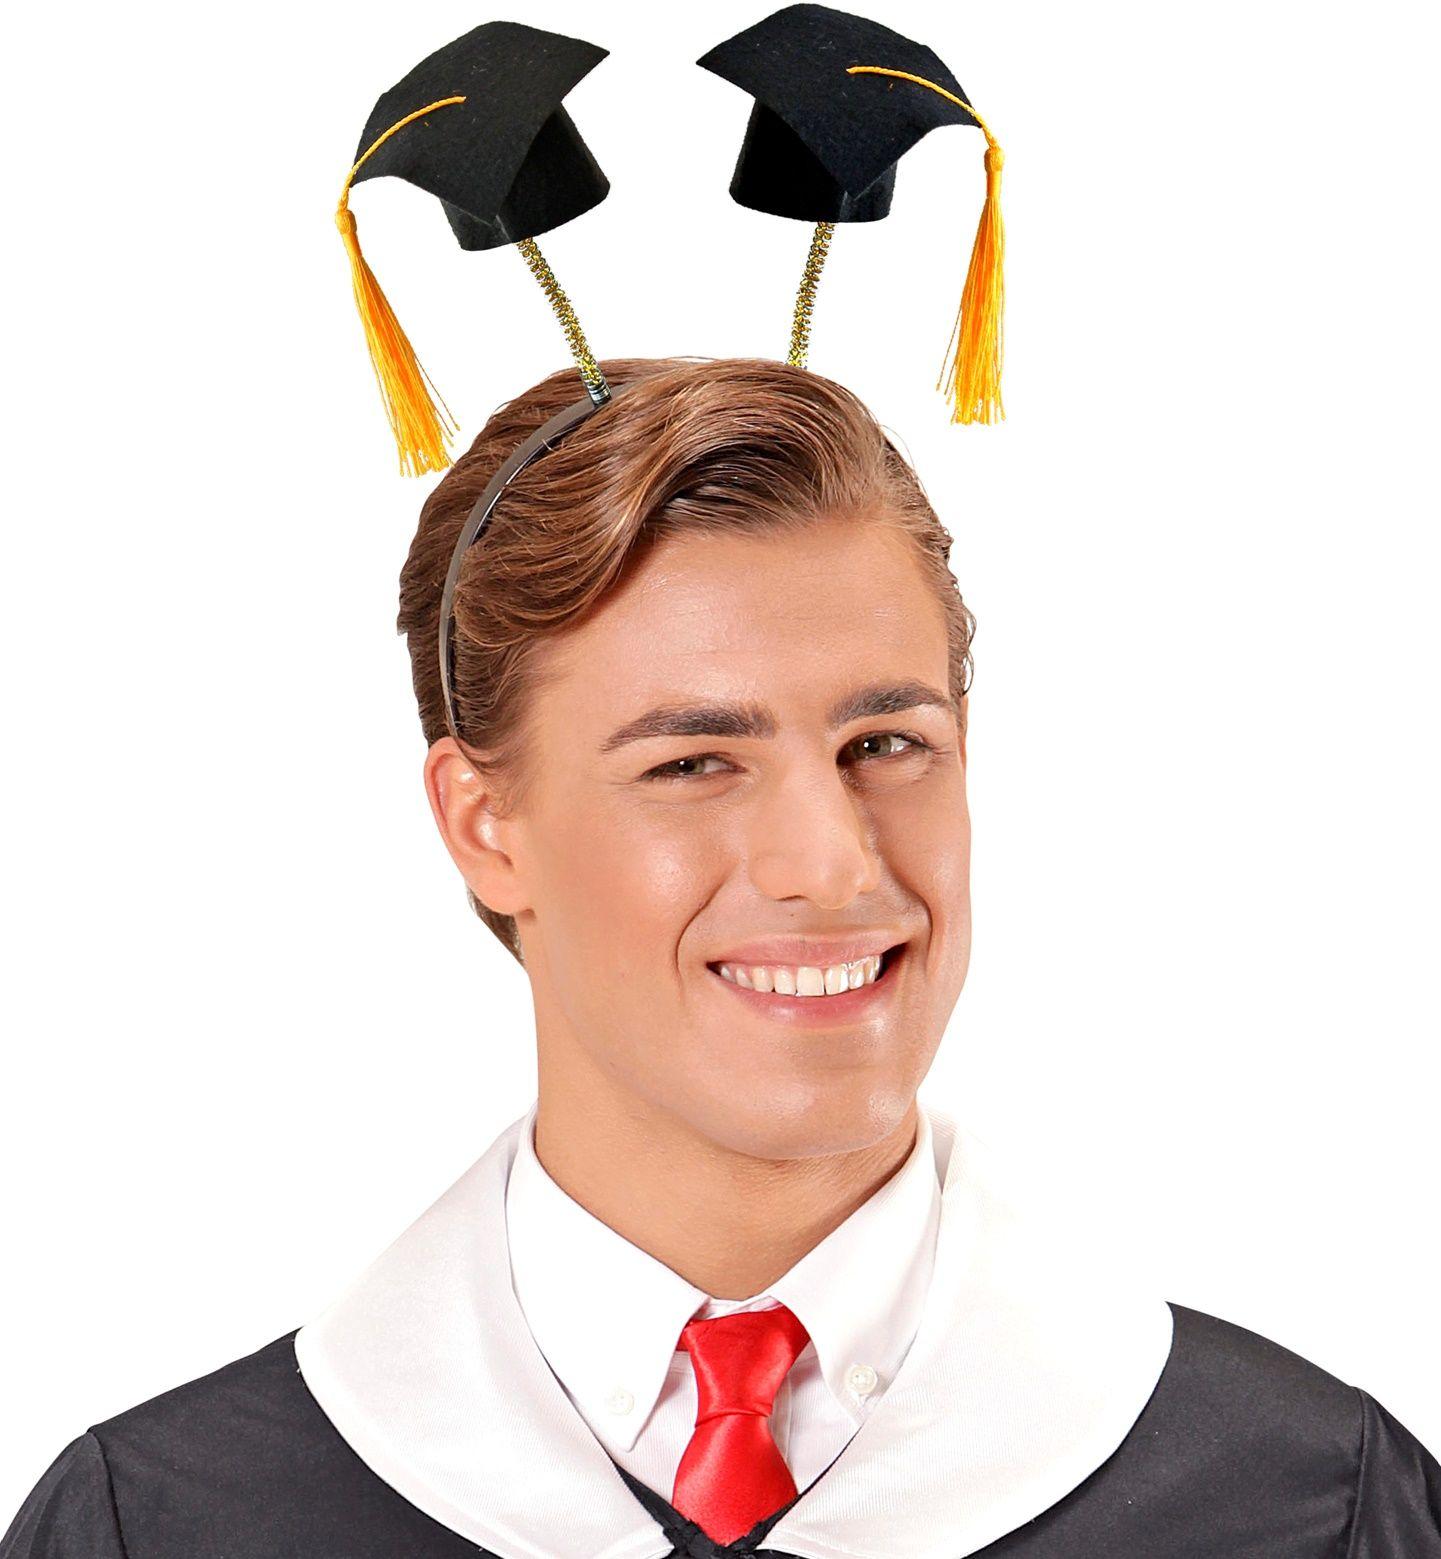 Geslaagden hoed haarband